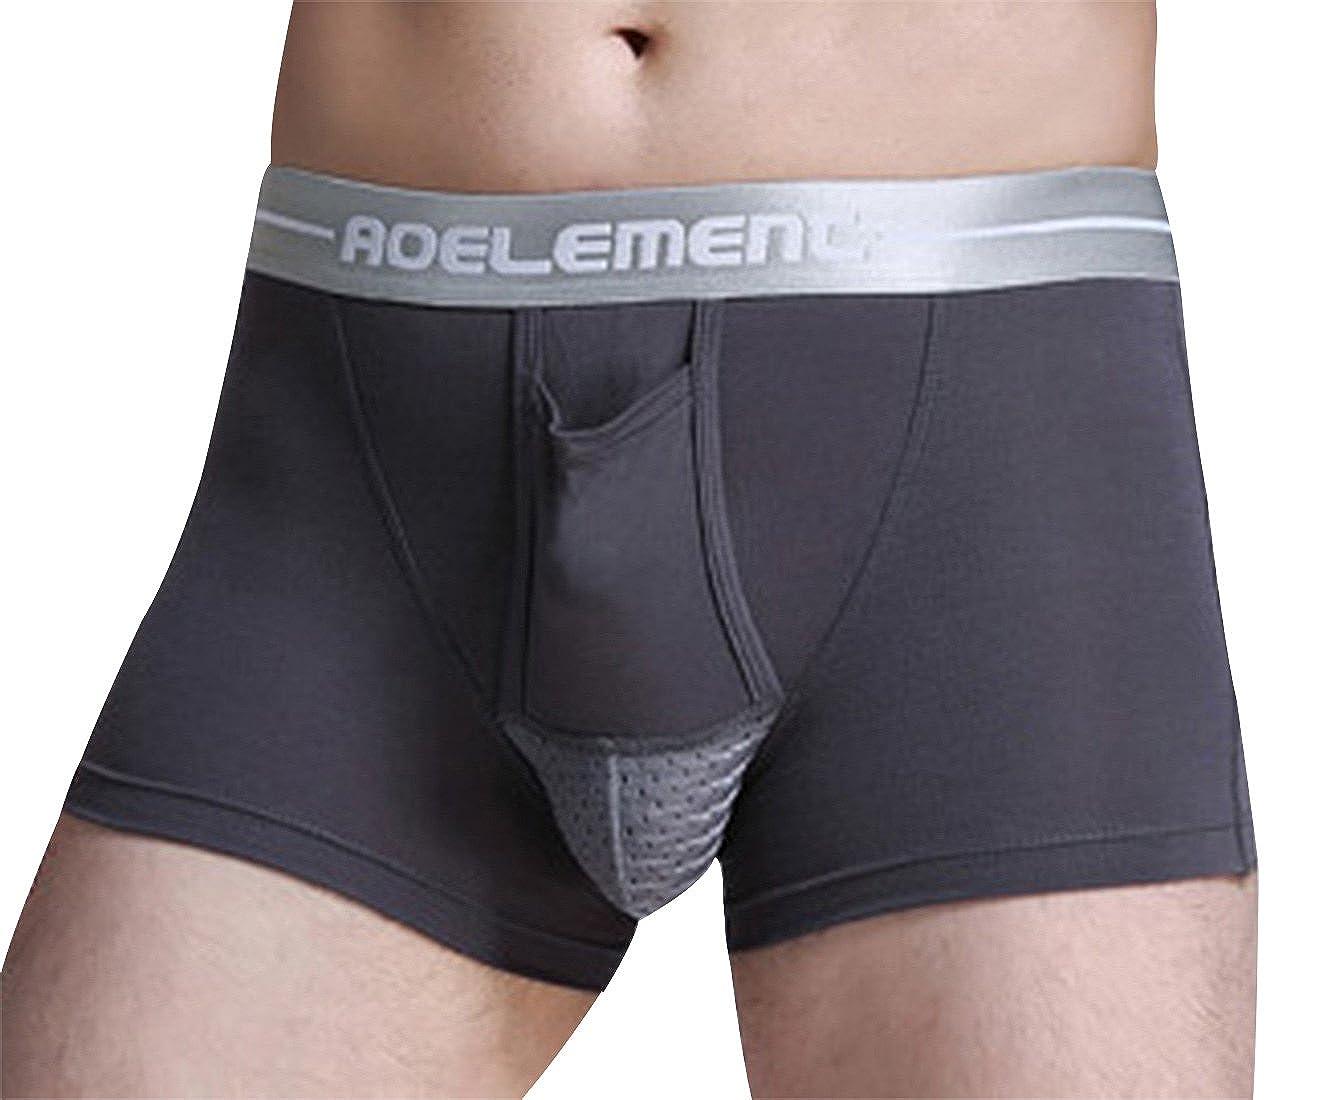 AOELEMENT Men's Underwear Modal Breathable Trunks